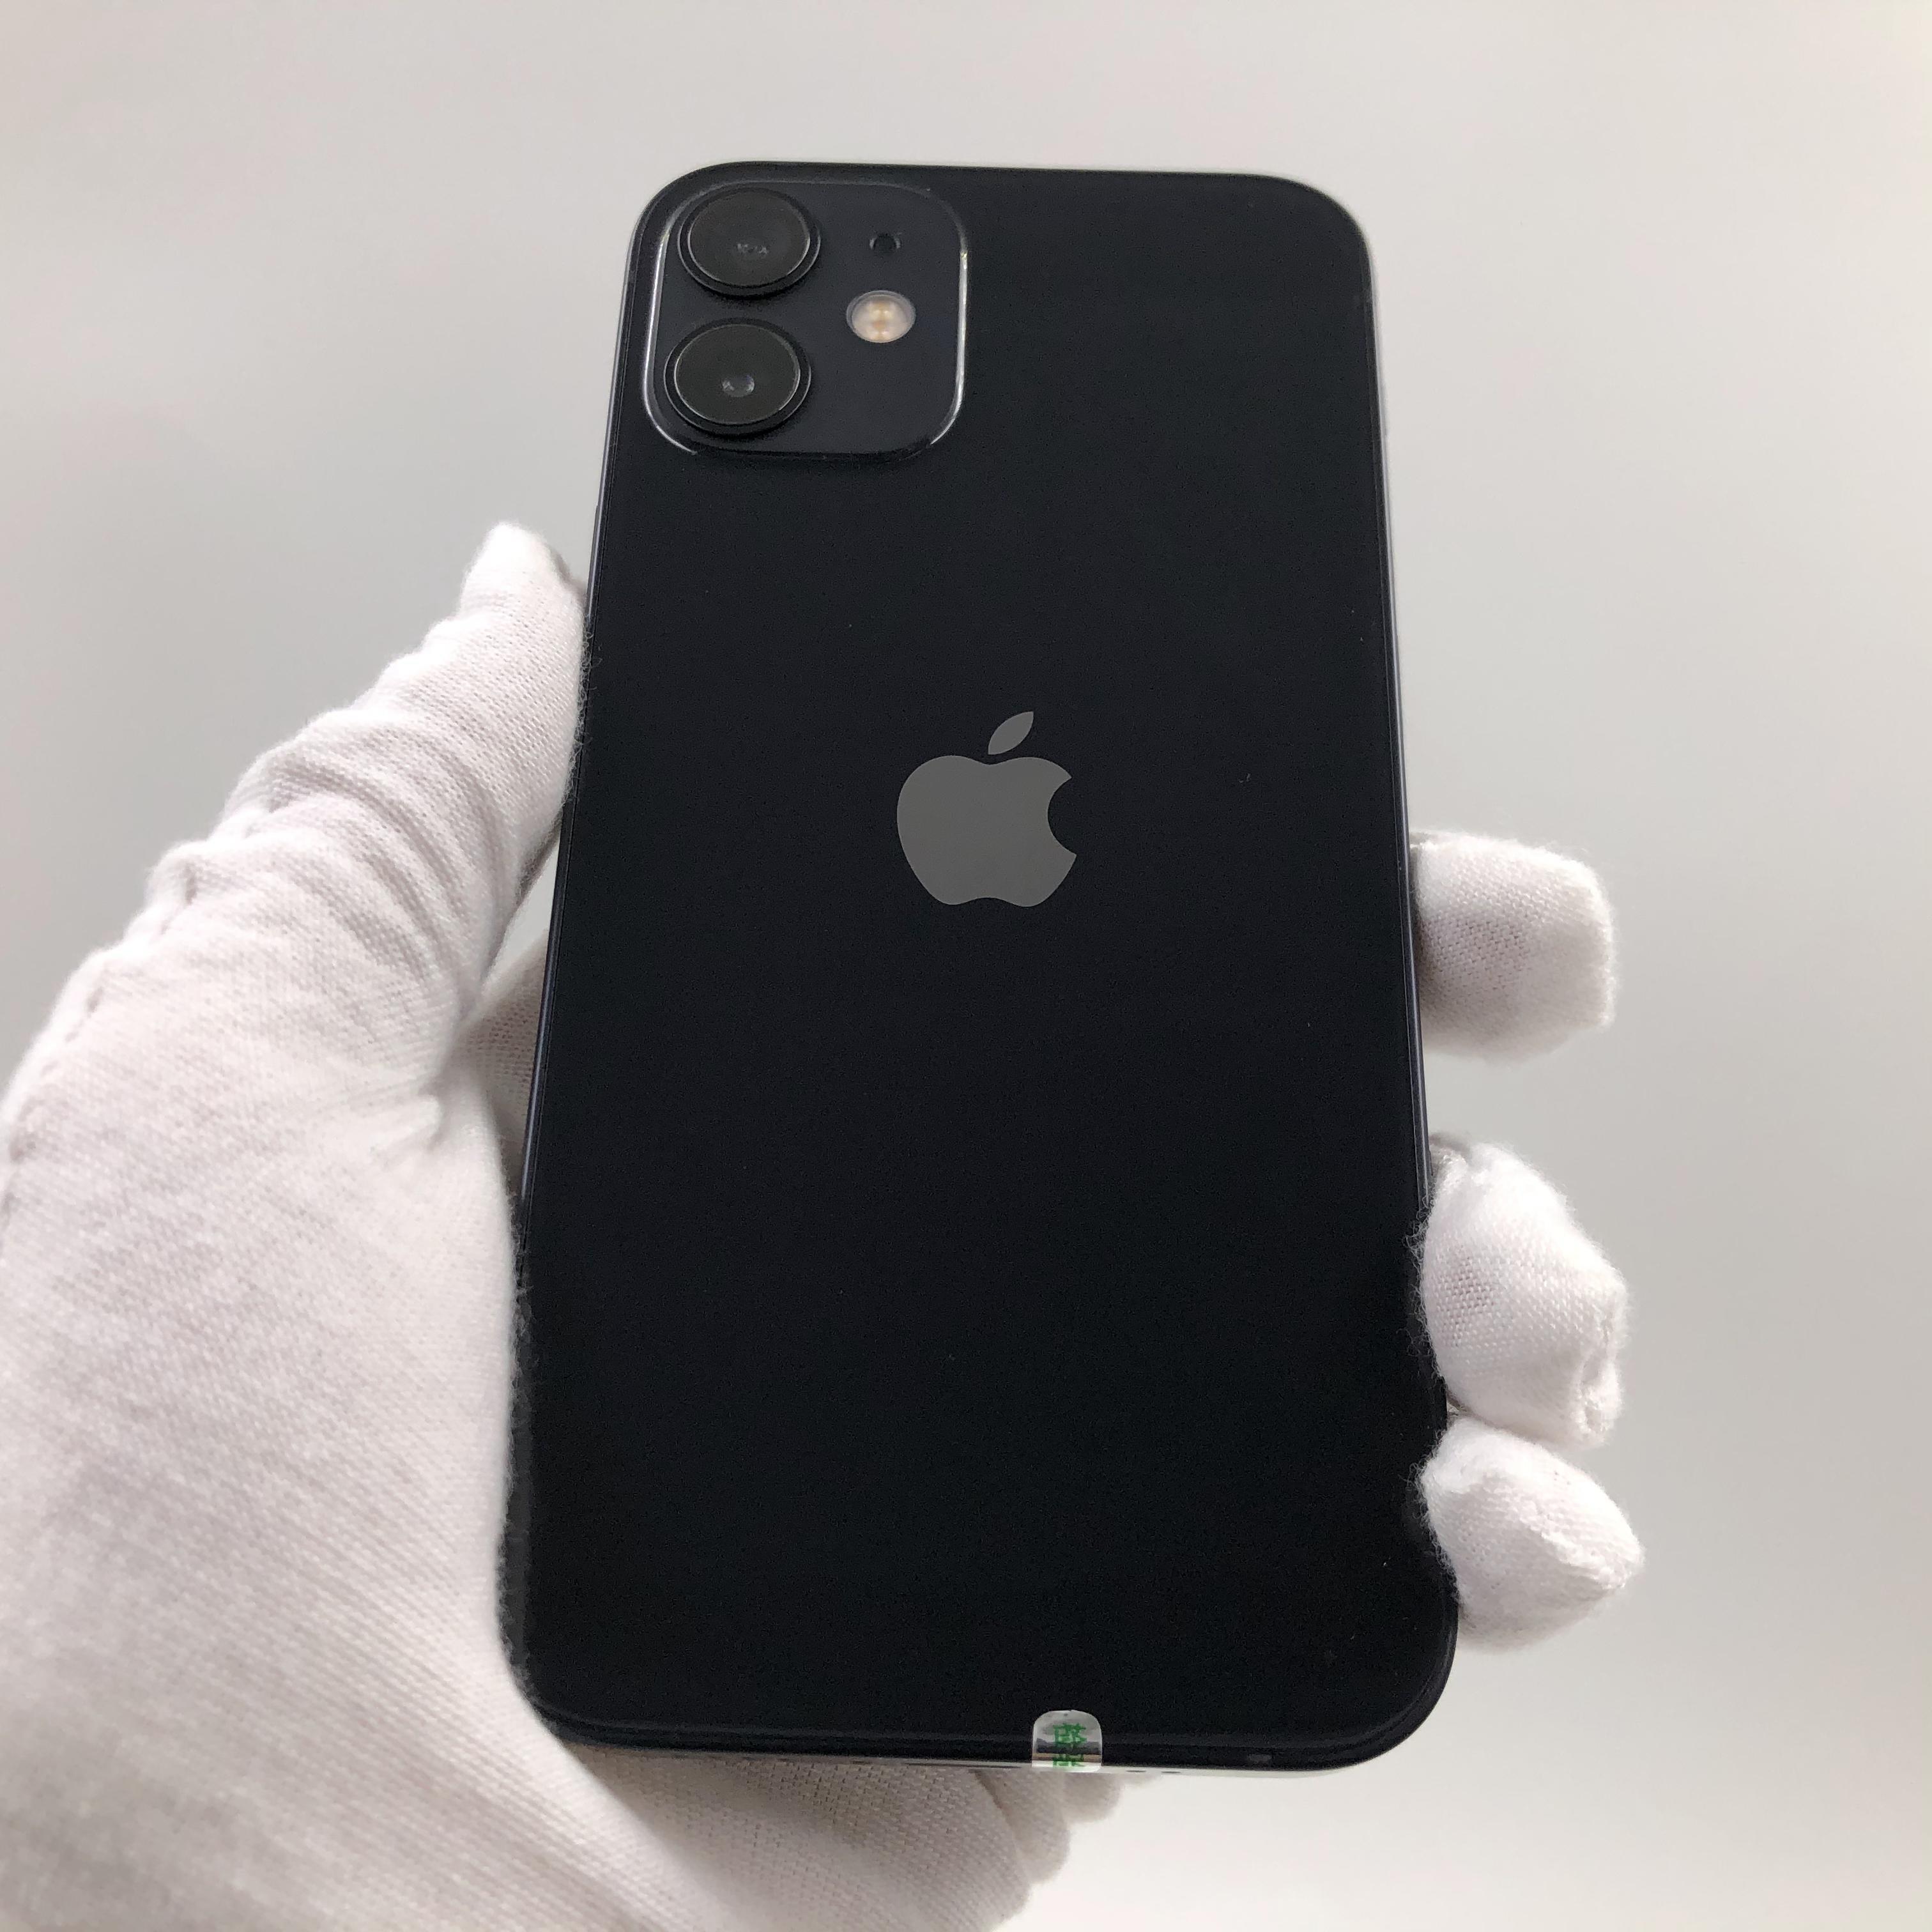 苹果【iPhone 12 mini】5G全网通 黑色 64G 国行 95新 真机实拍